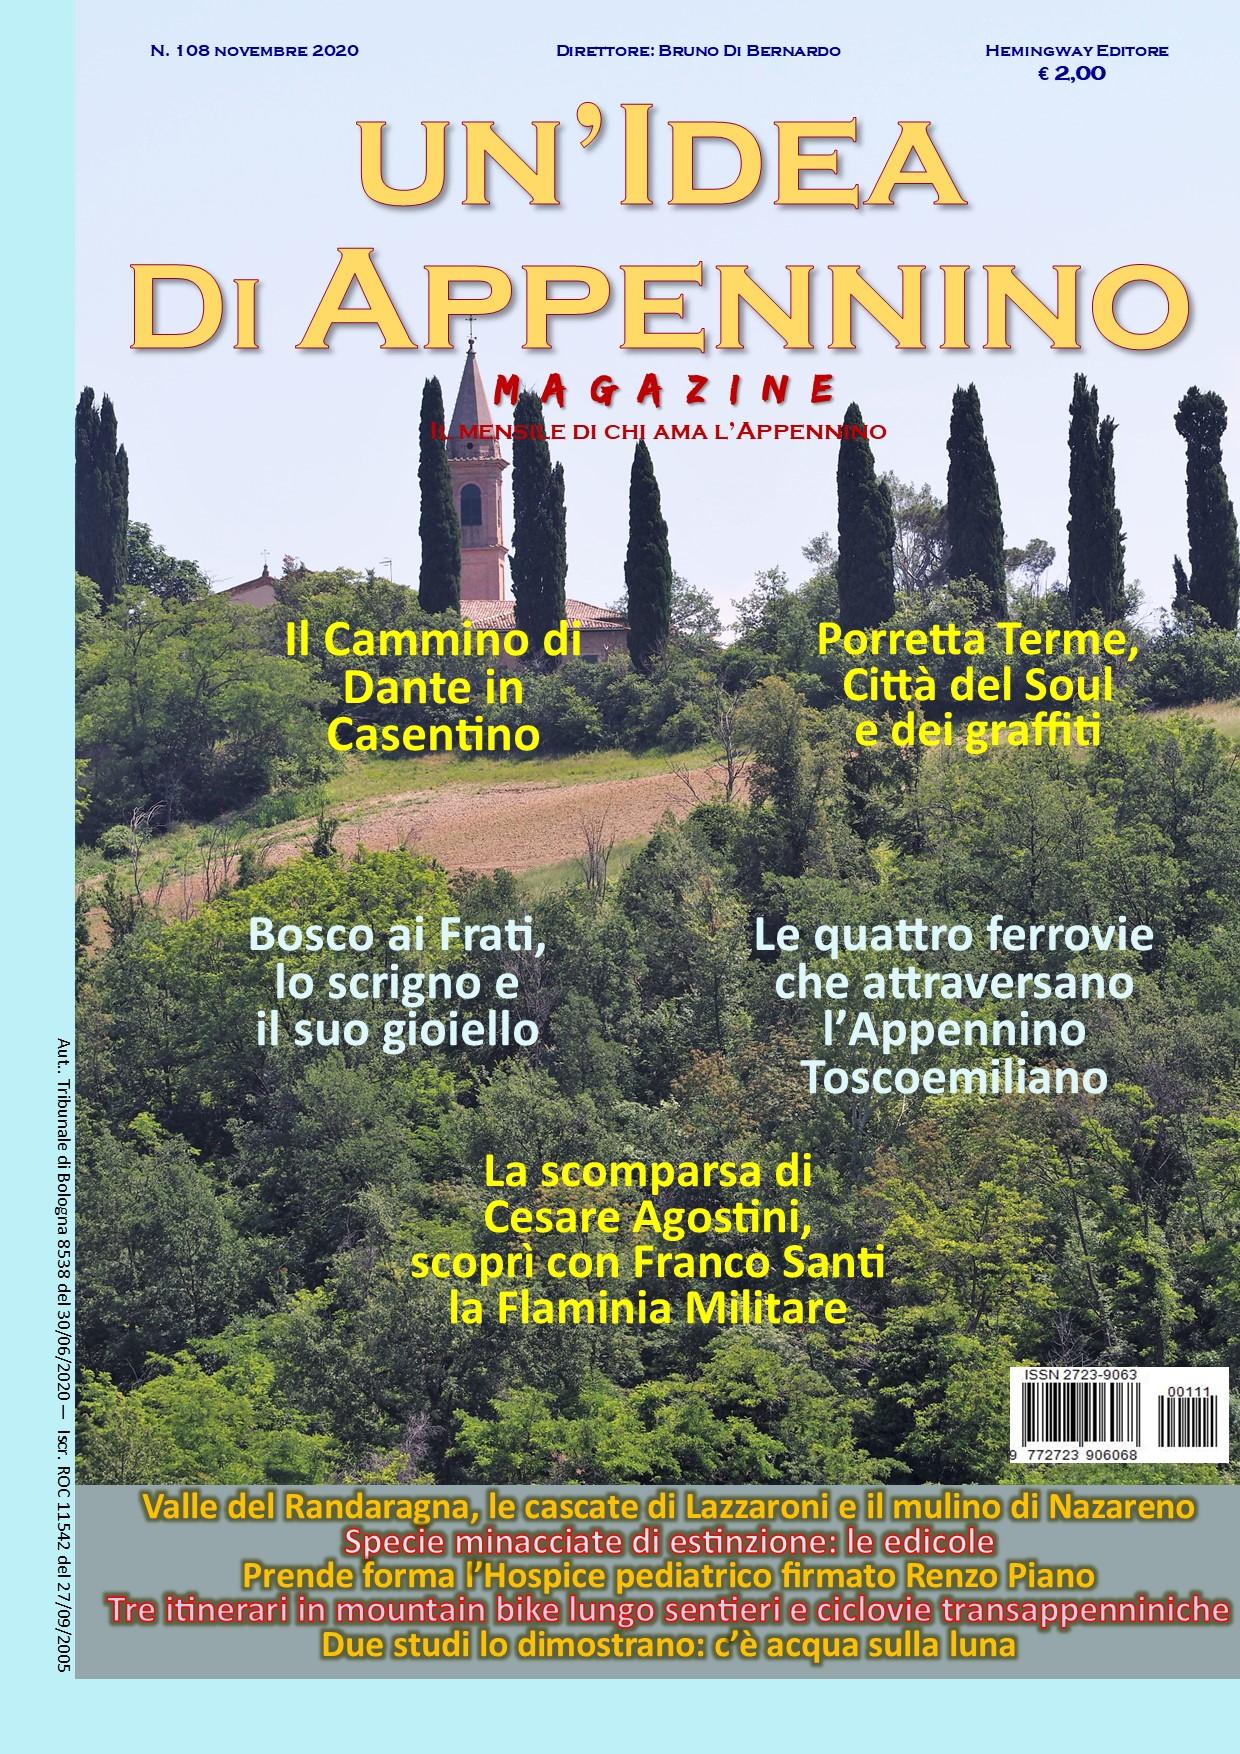 ManifestoMagazine_Novembre20_100,20 x 1400,20